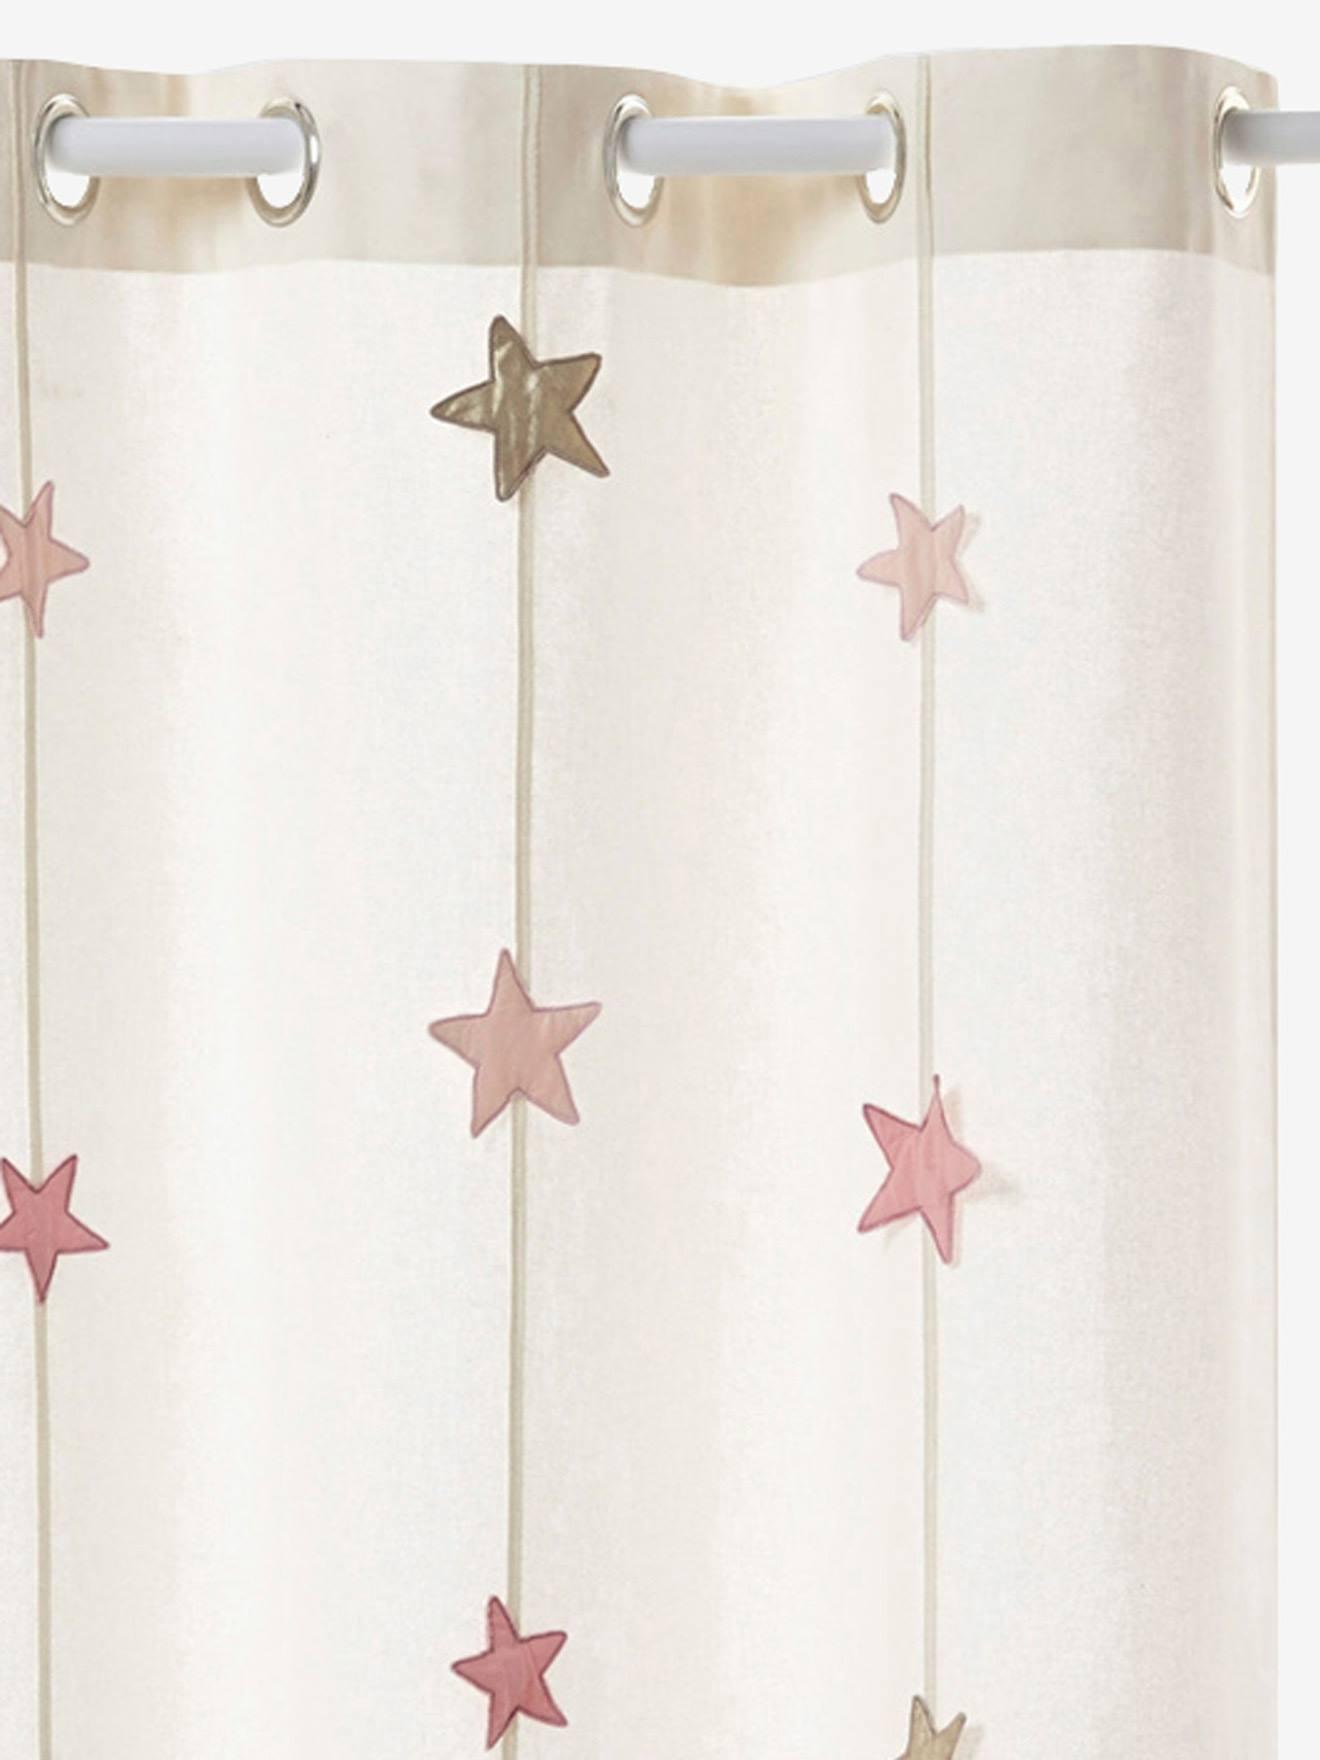 Charmant Rangement Et Décoration Décoration Rideau Rideau Tamisant Magie Rose